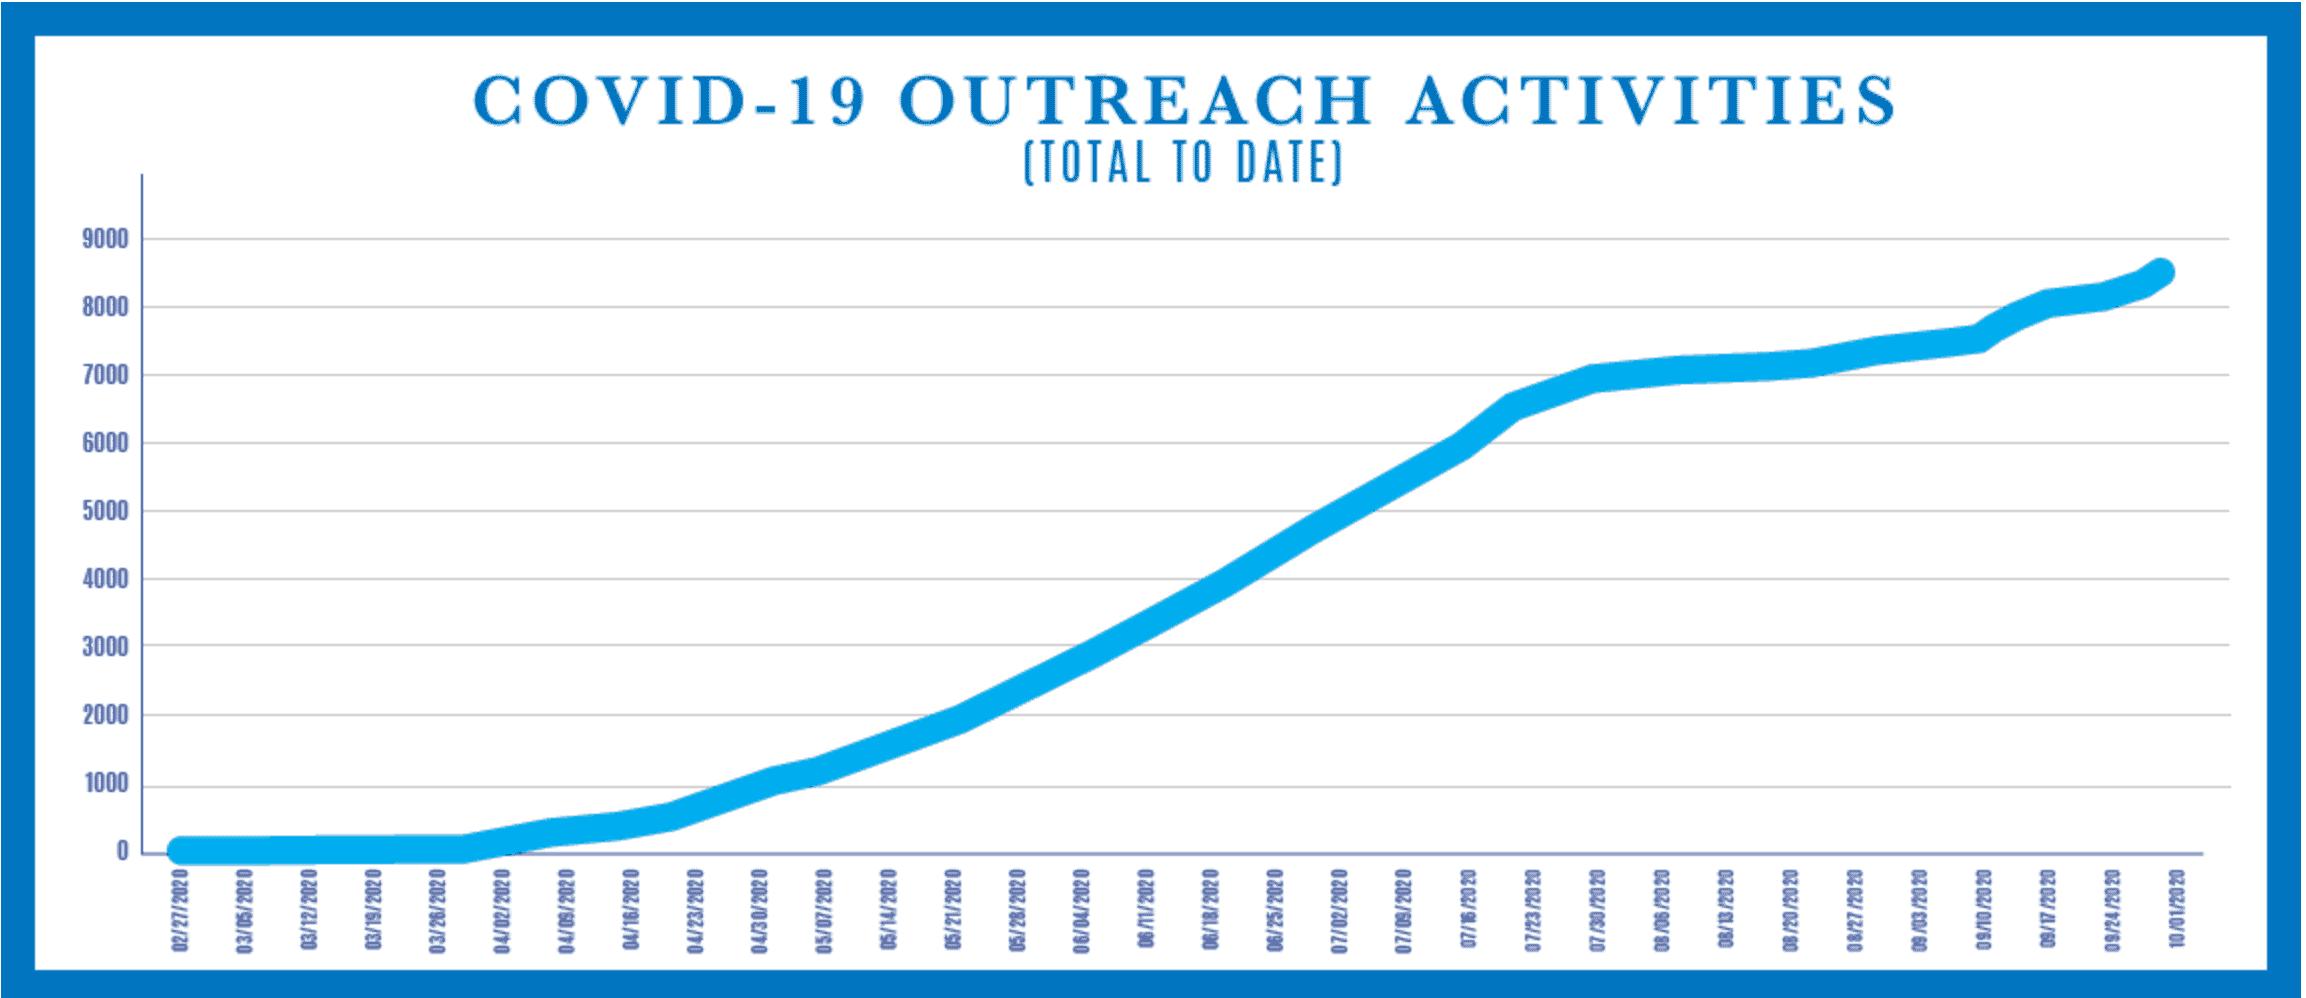 OSHA COVID Outreach Activities